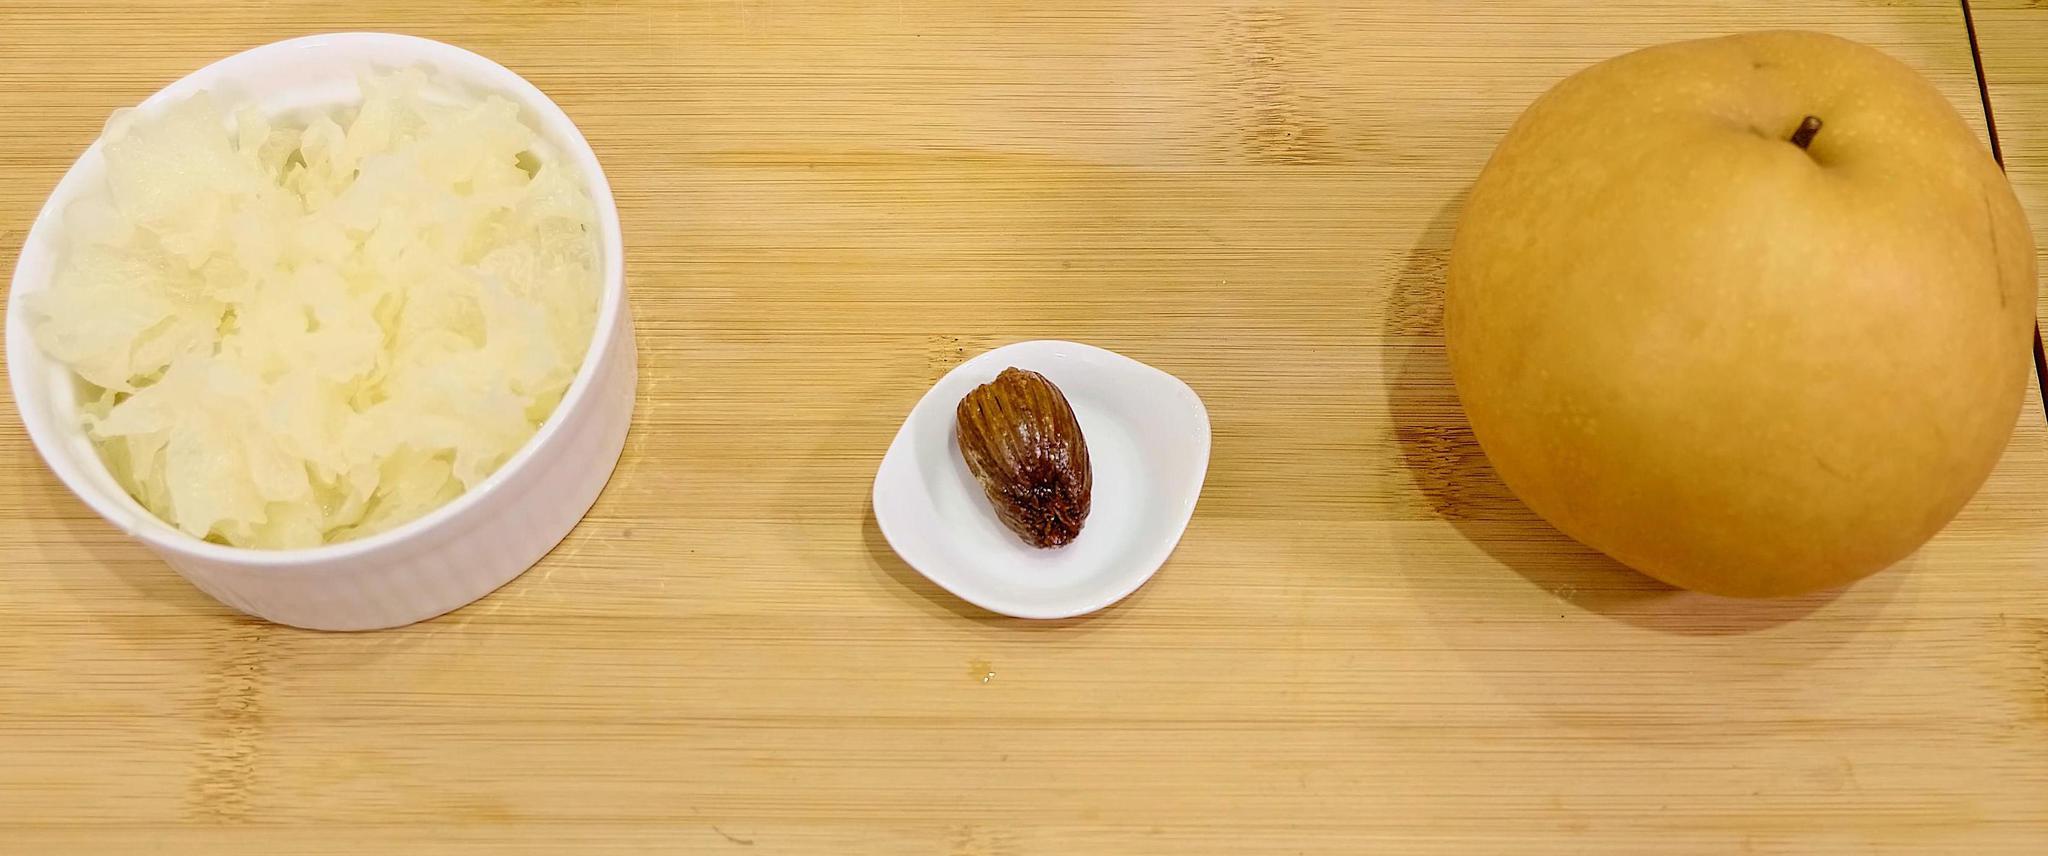 冬天咳嗽怎么办?常喝这汤,告别咳嗽多痰,做法还简单,零添加剂